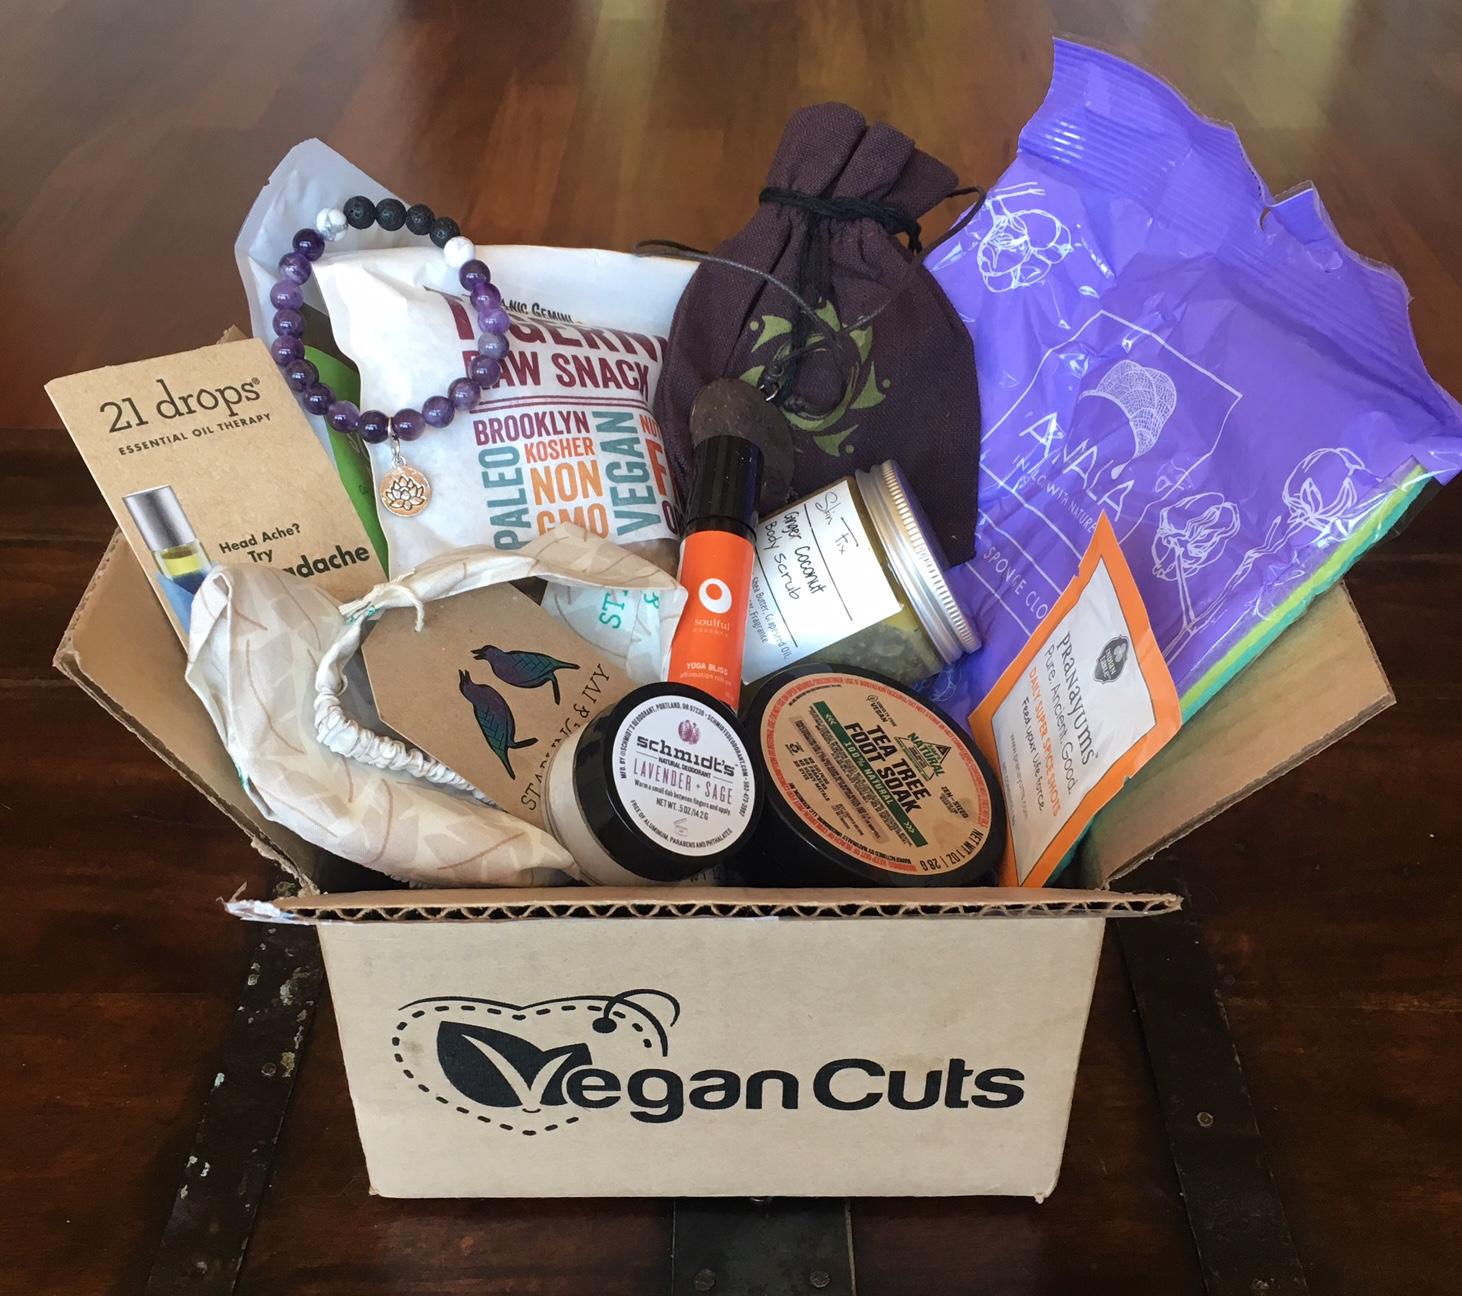 Vegan Cuts vegan yoga box